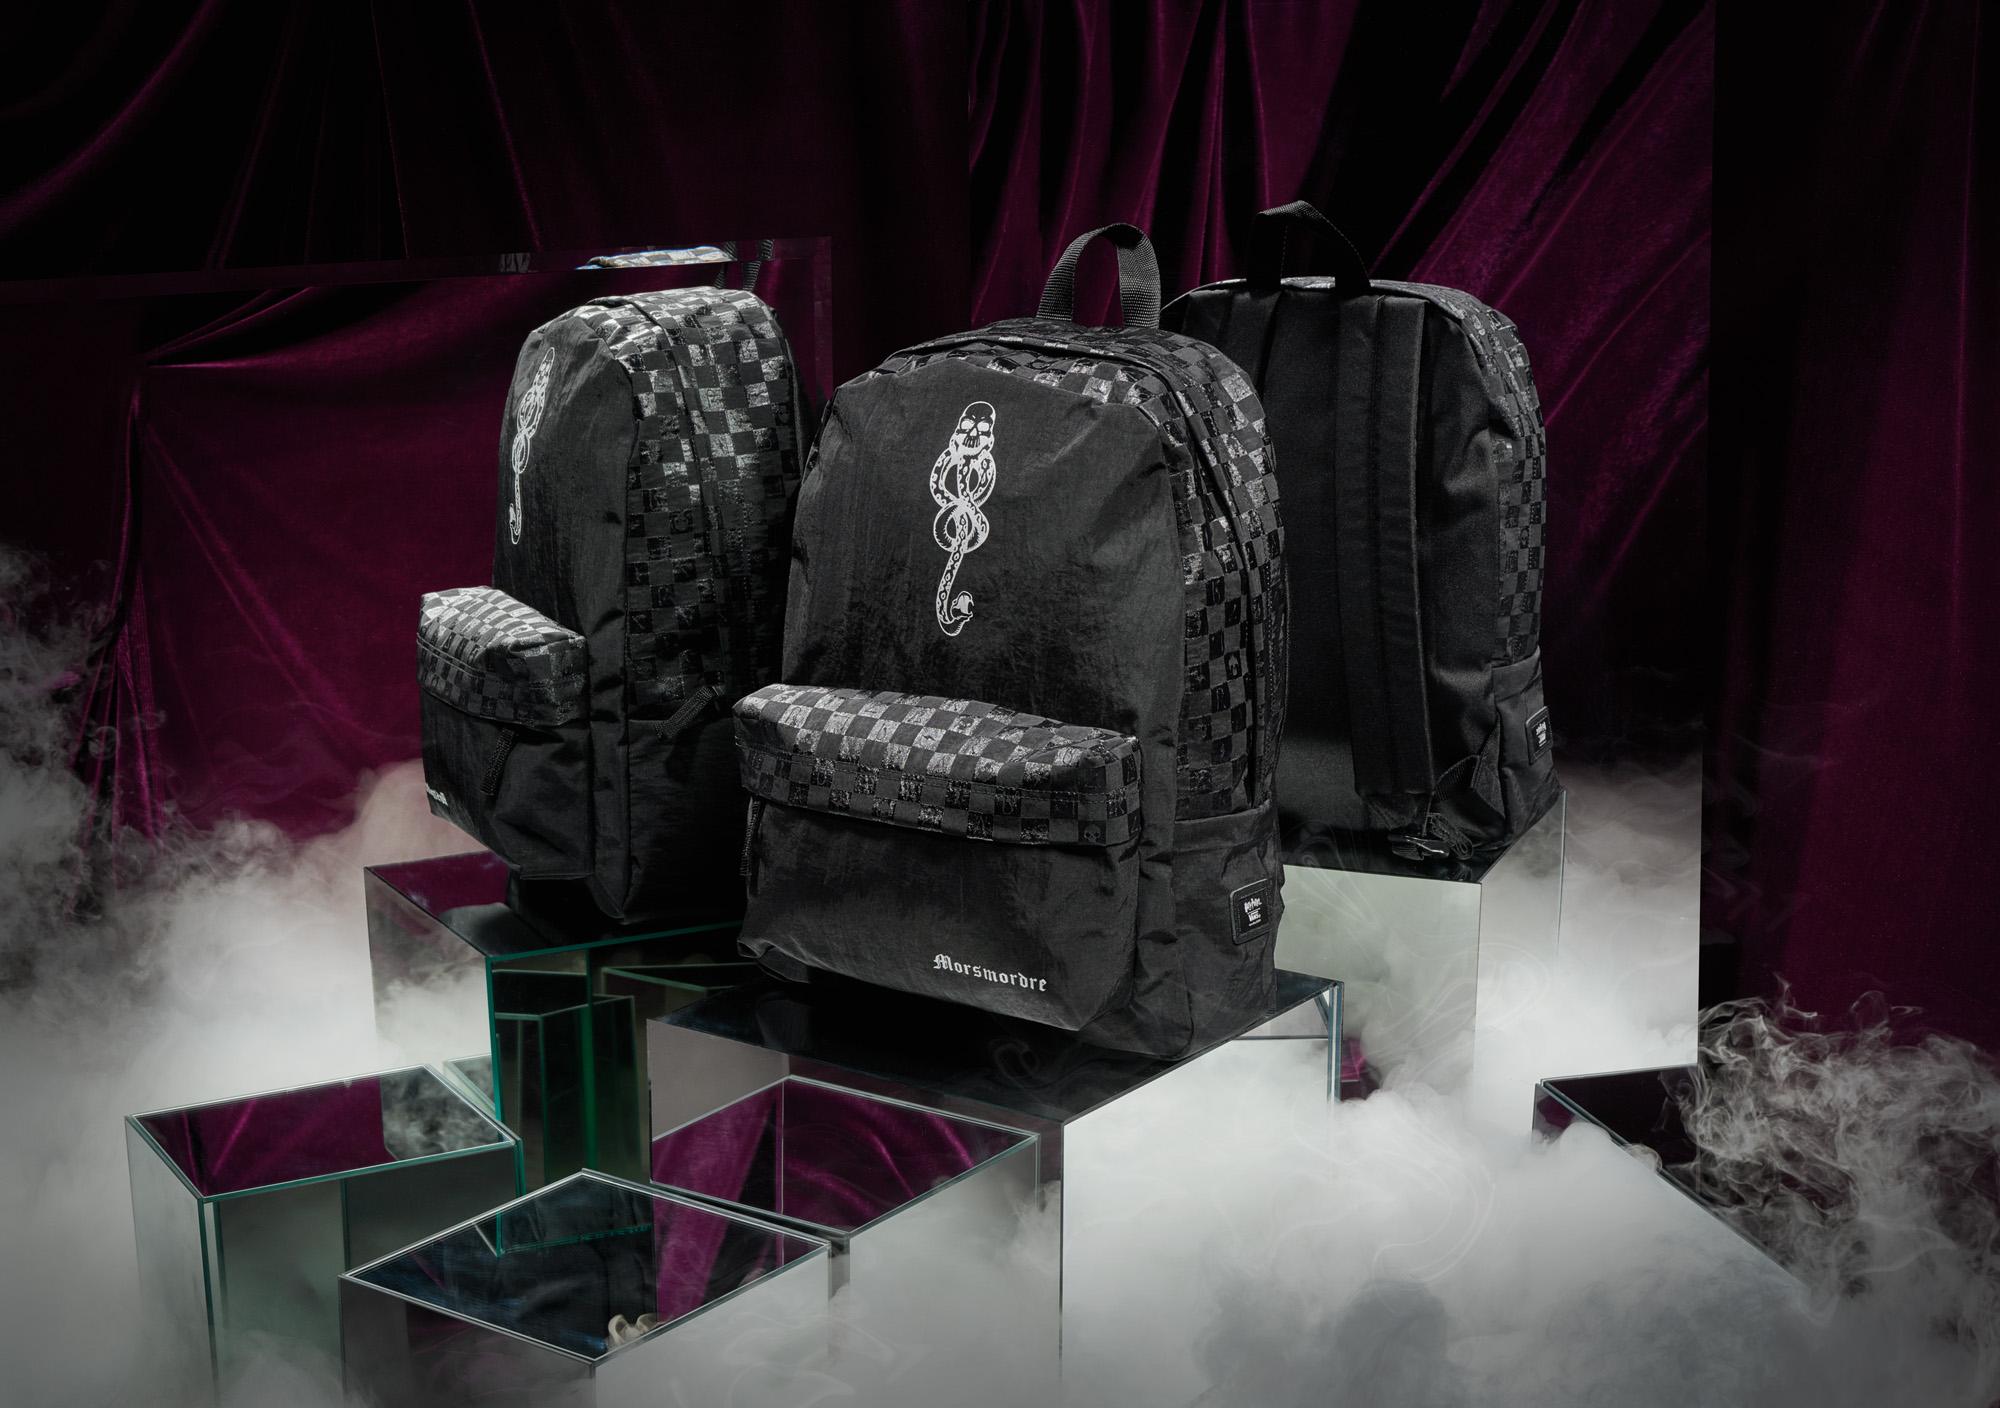 dark-mark-backpack.jpg